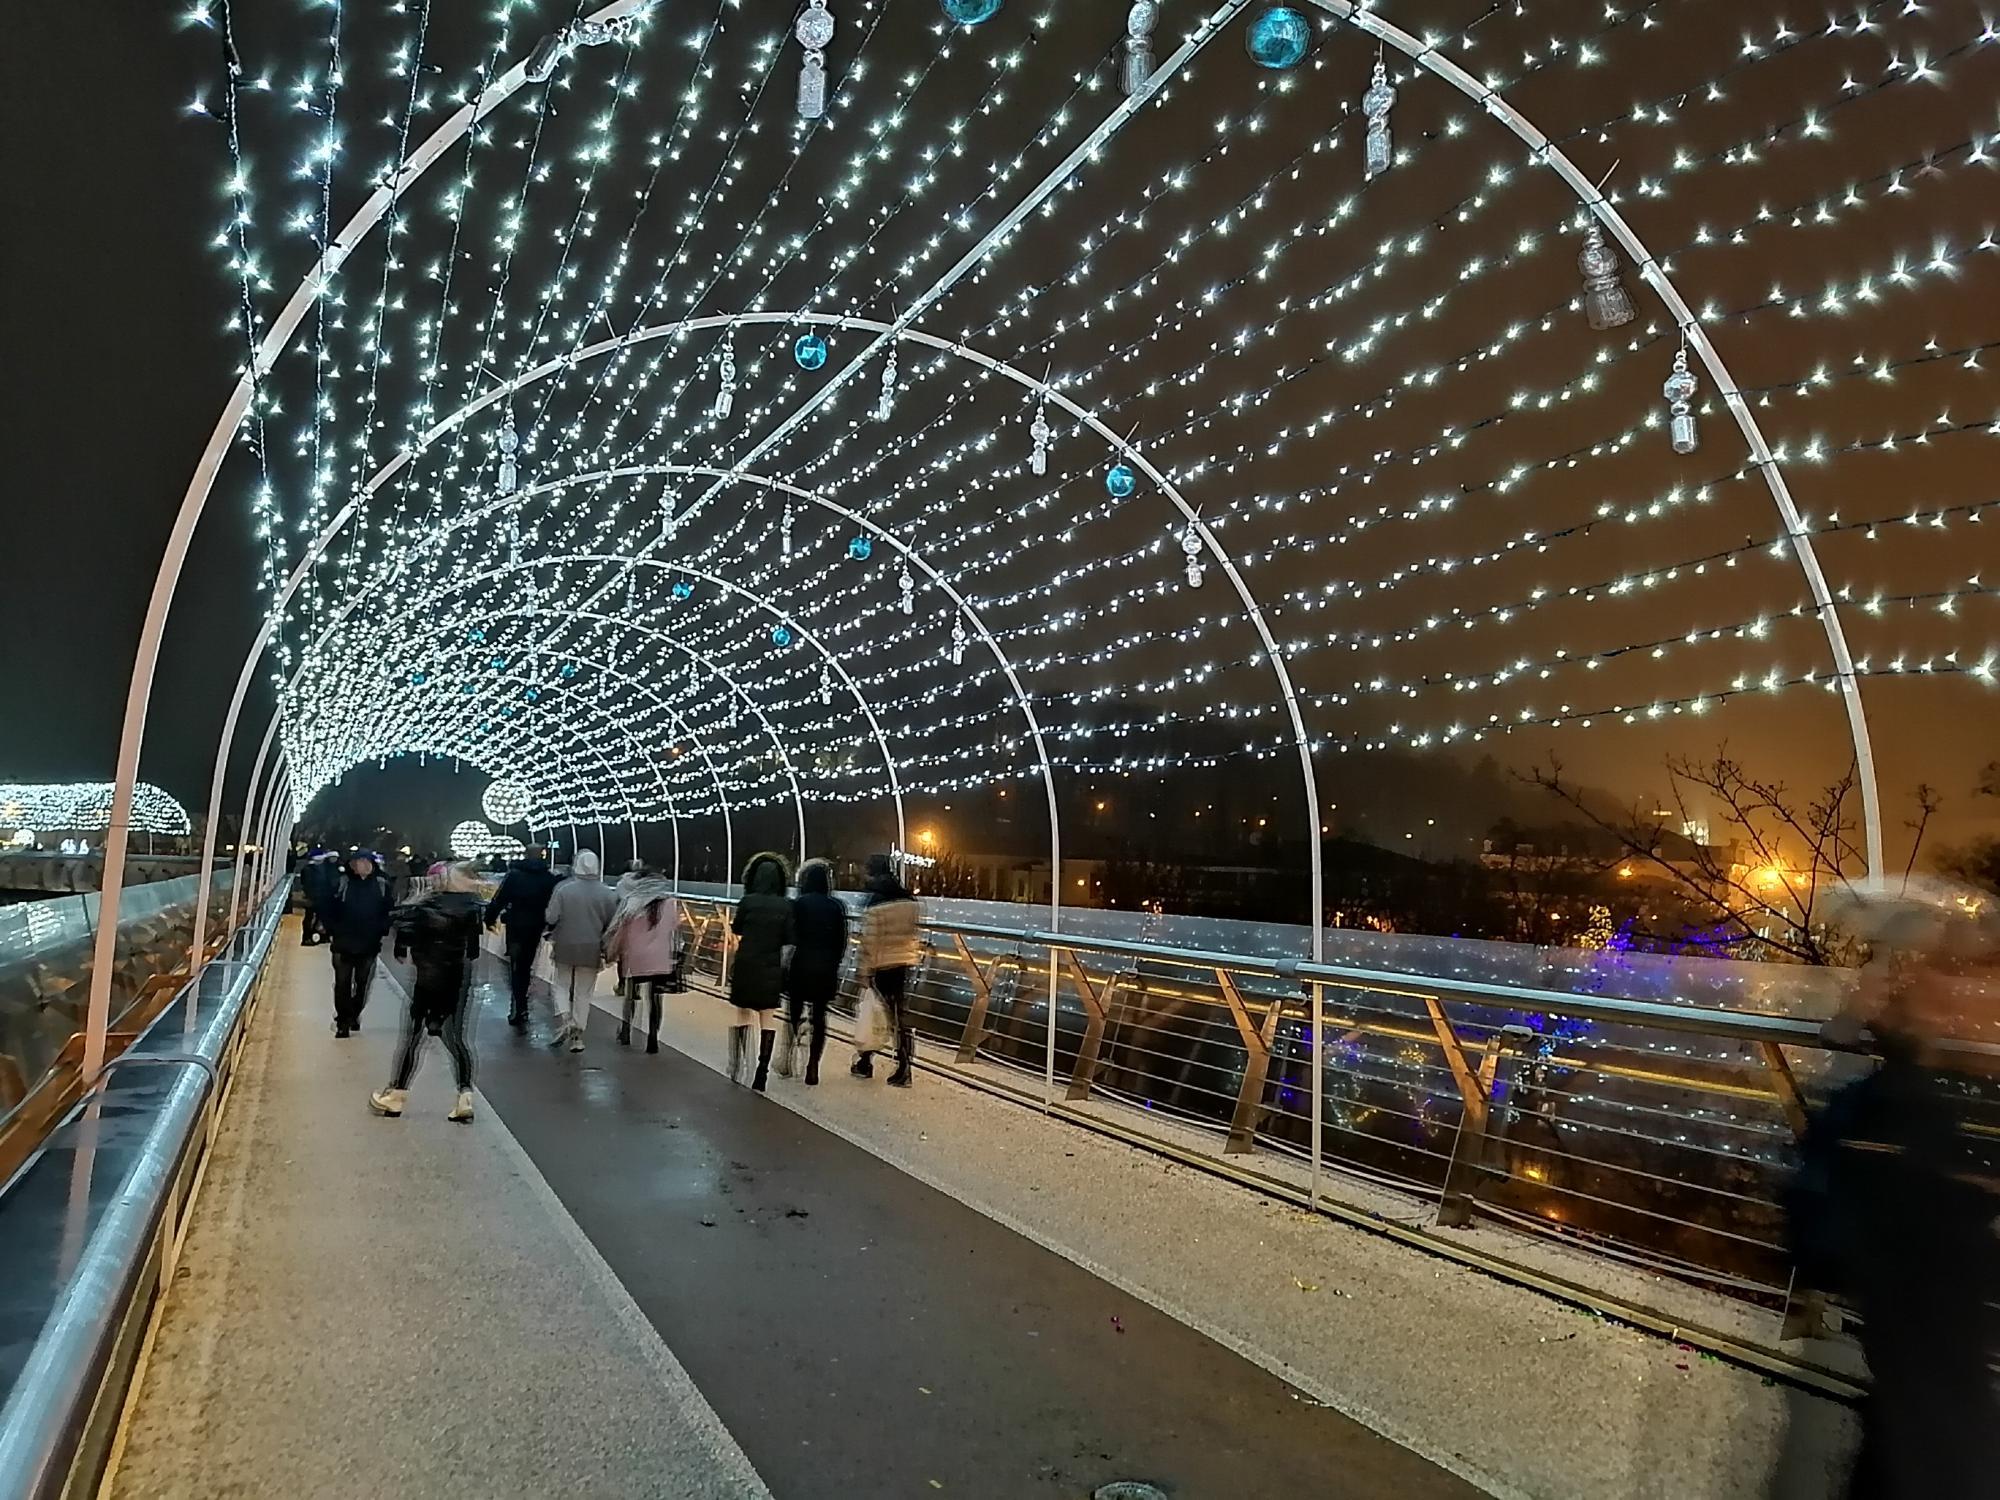 В атмосфері свята: скільки коштують розваги на головних зимових локаціях Києва